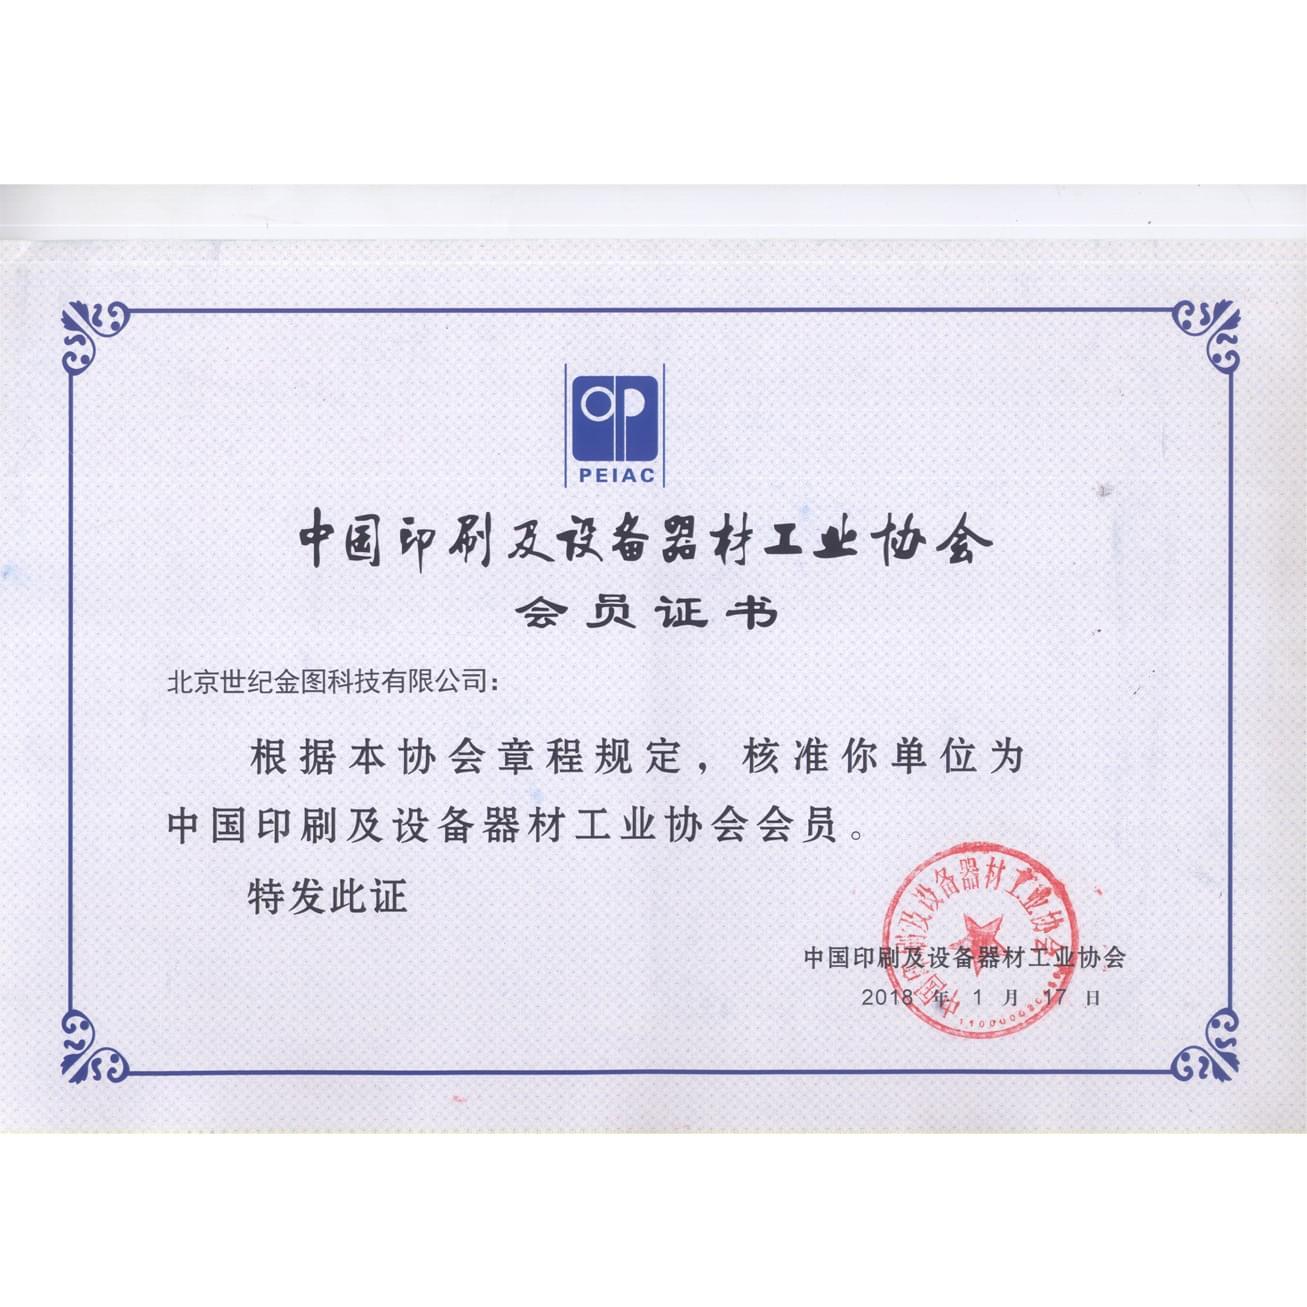 中国印刷及设备器材工业协会会员证书